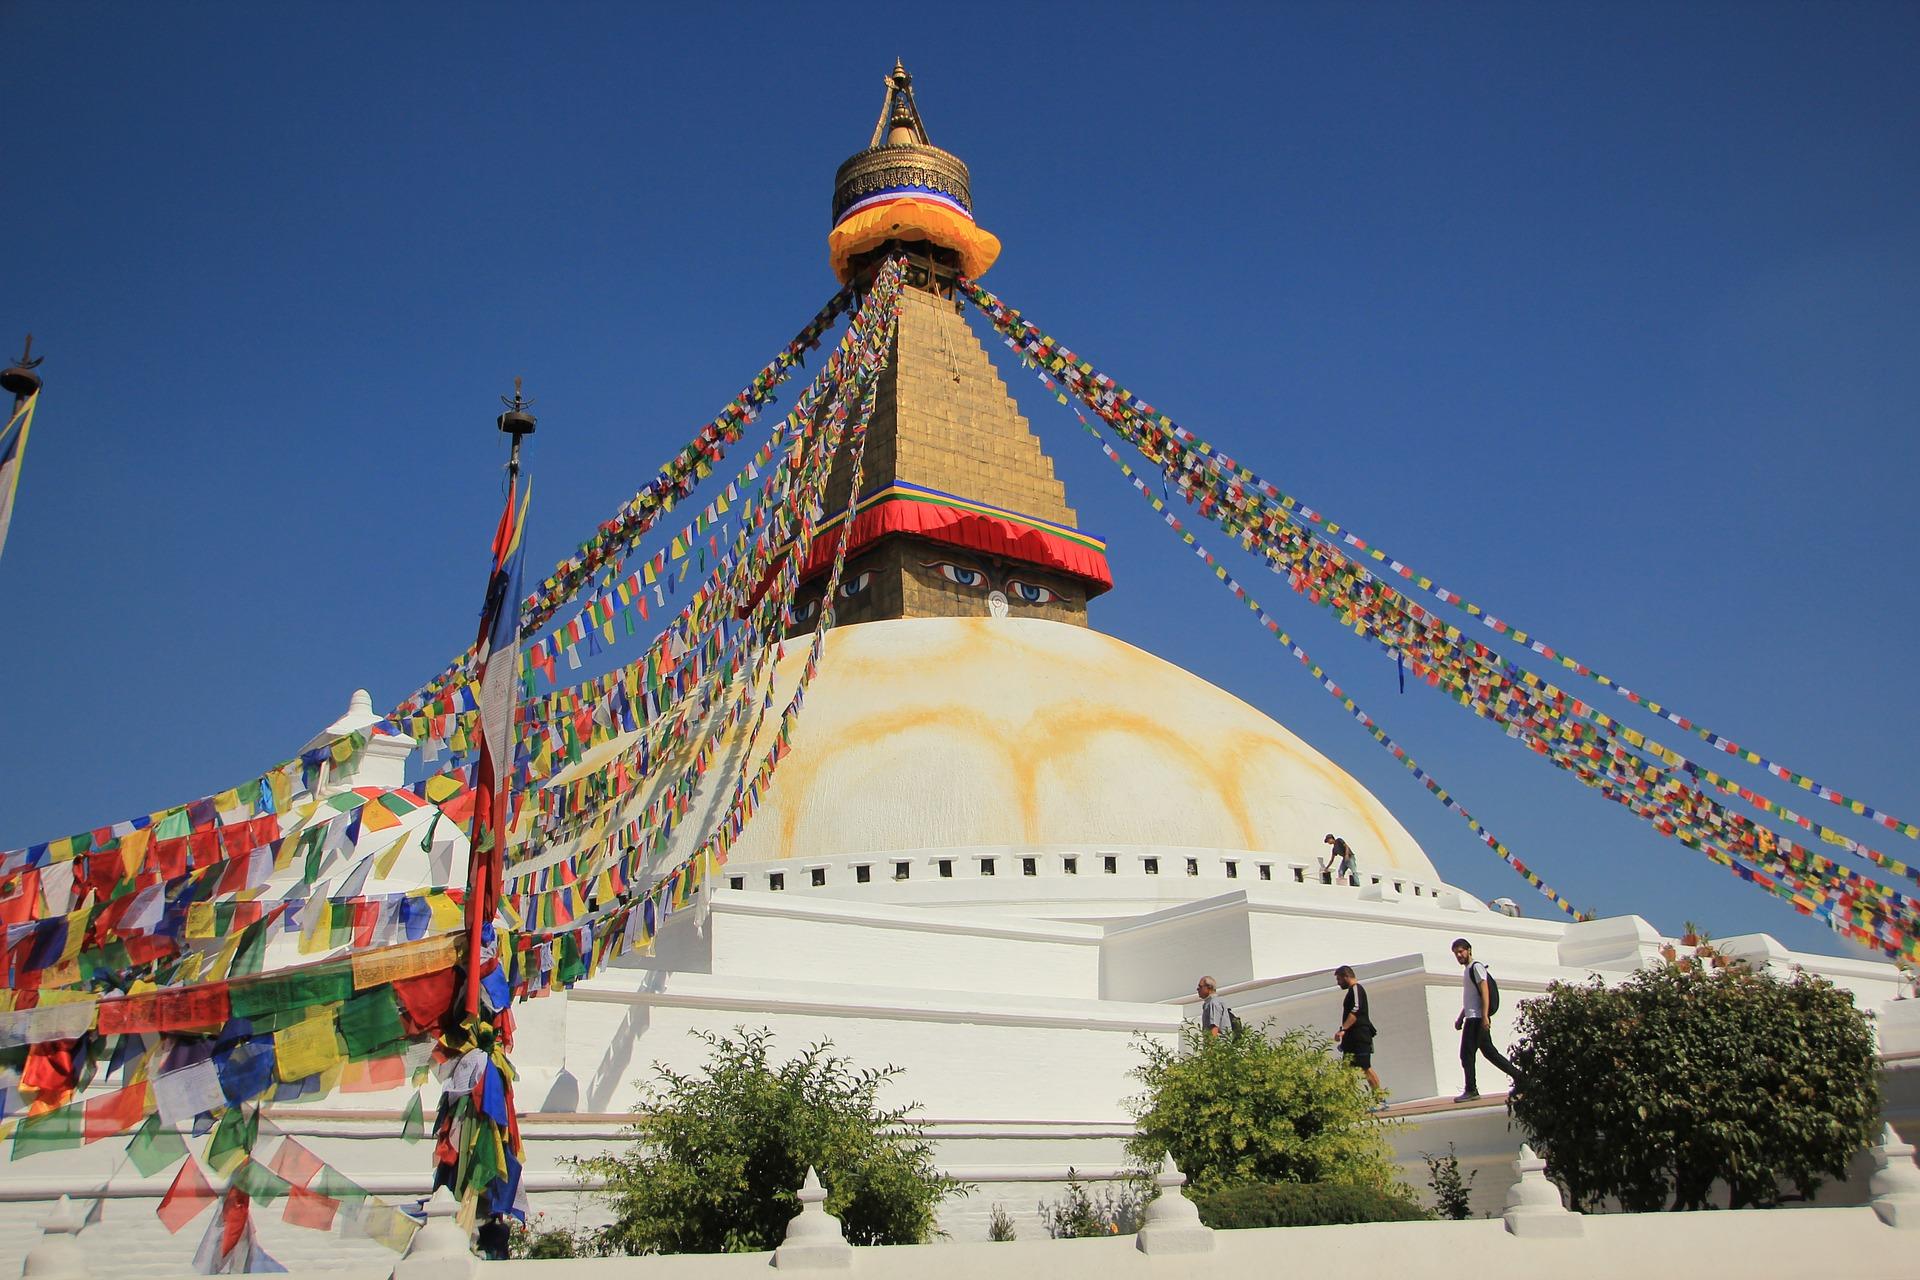 Trek Népal - du Langtang et sa Culture Tamang vers la Frontière du Tibet